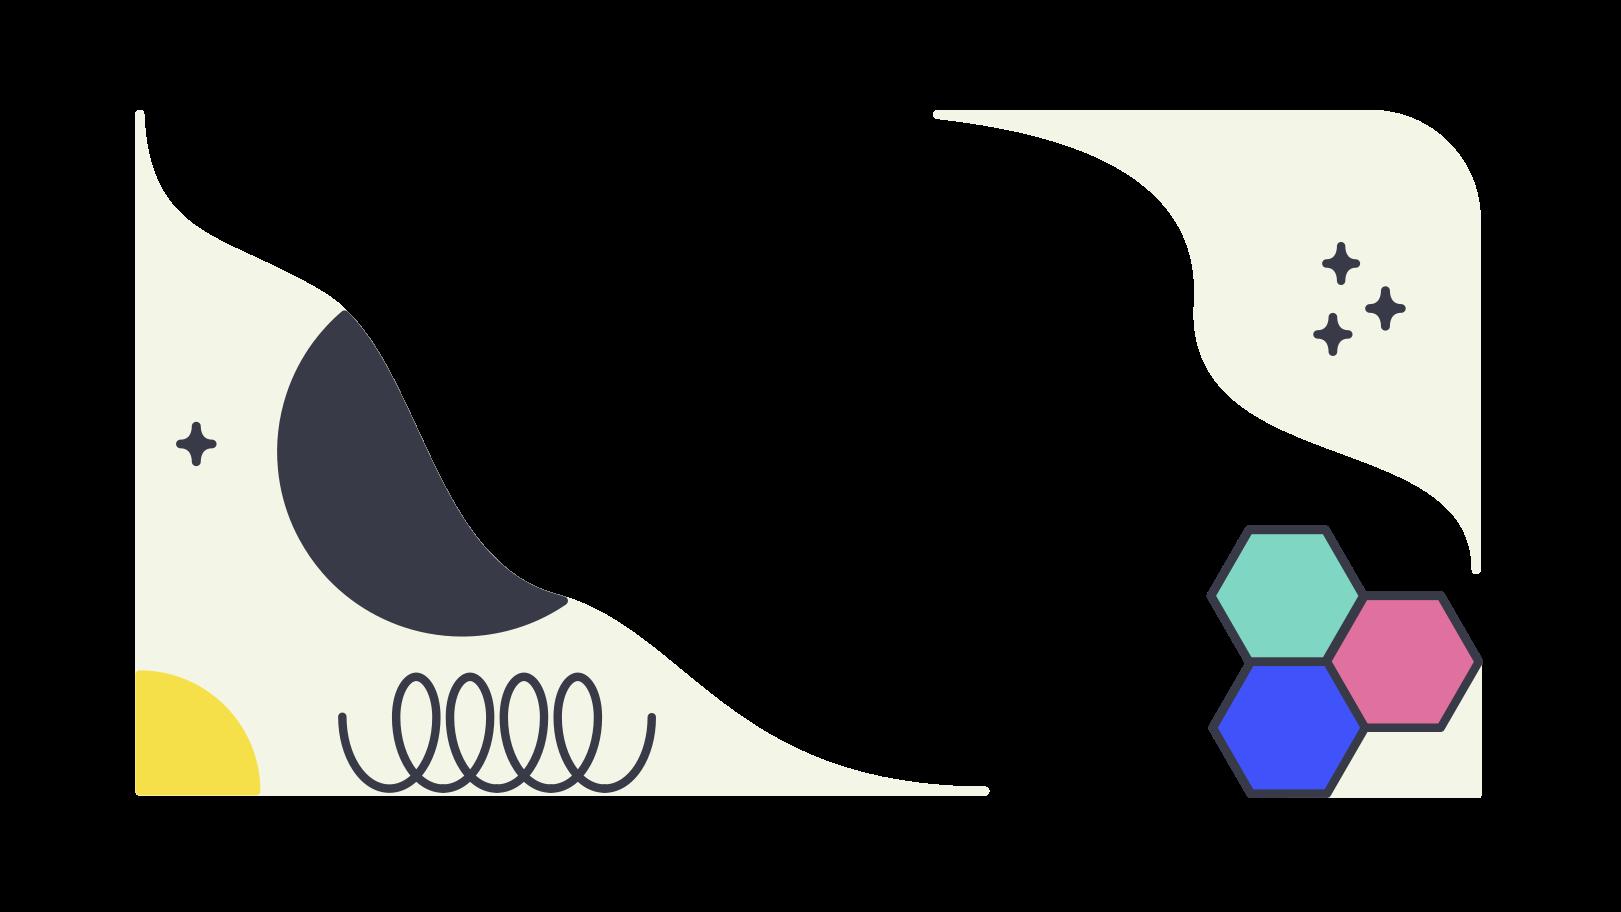 scienza Illustrazione clipart in PNG, SVG